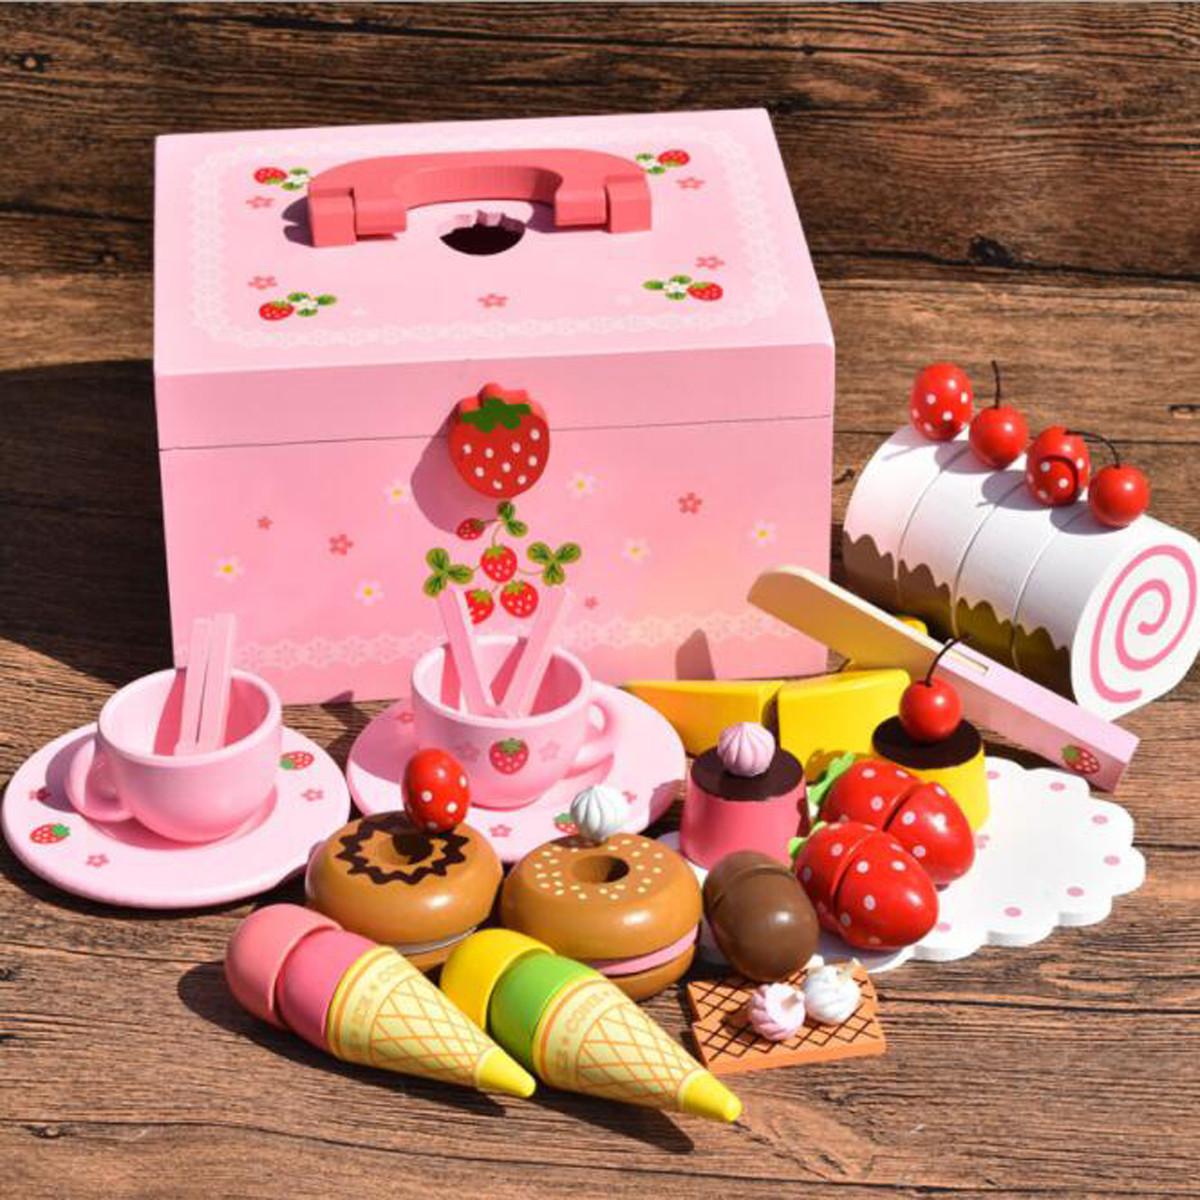 Деревянная кухня Притворись Play Toy Кукла Аксессуары для дома Сладкие принцы Мороженое Готовим пазл - 1TopShop